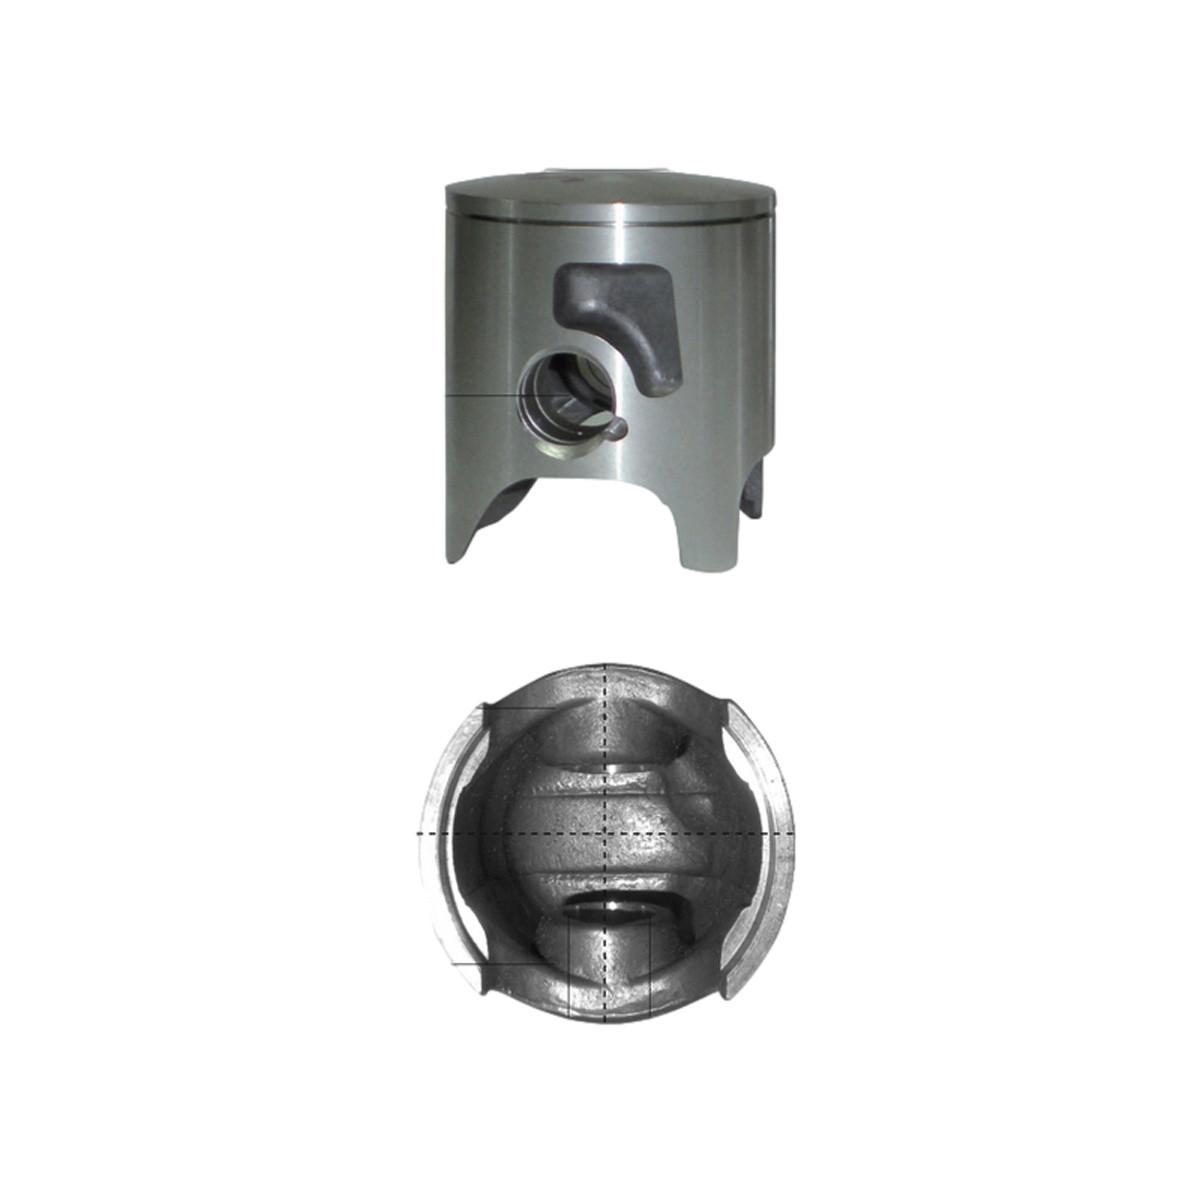 Piston PIAGGIO Vespino D.43.45mm à 43.45mm - BARIKIT Monosegment